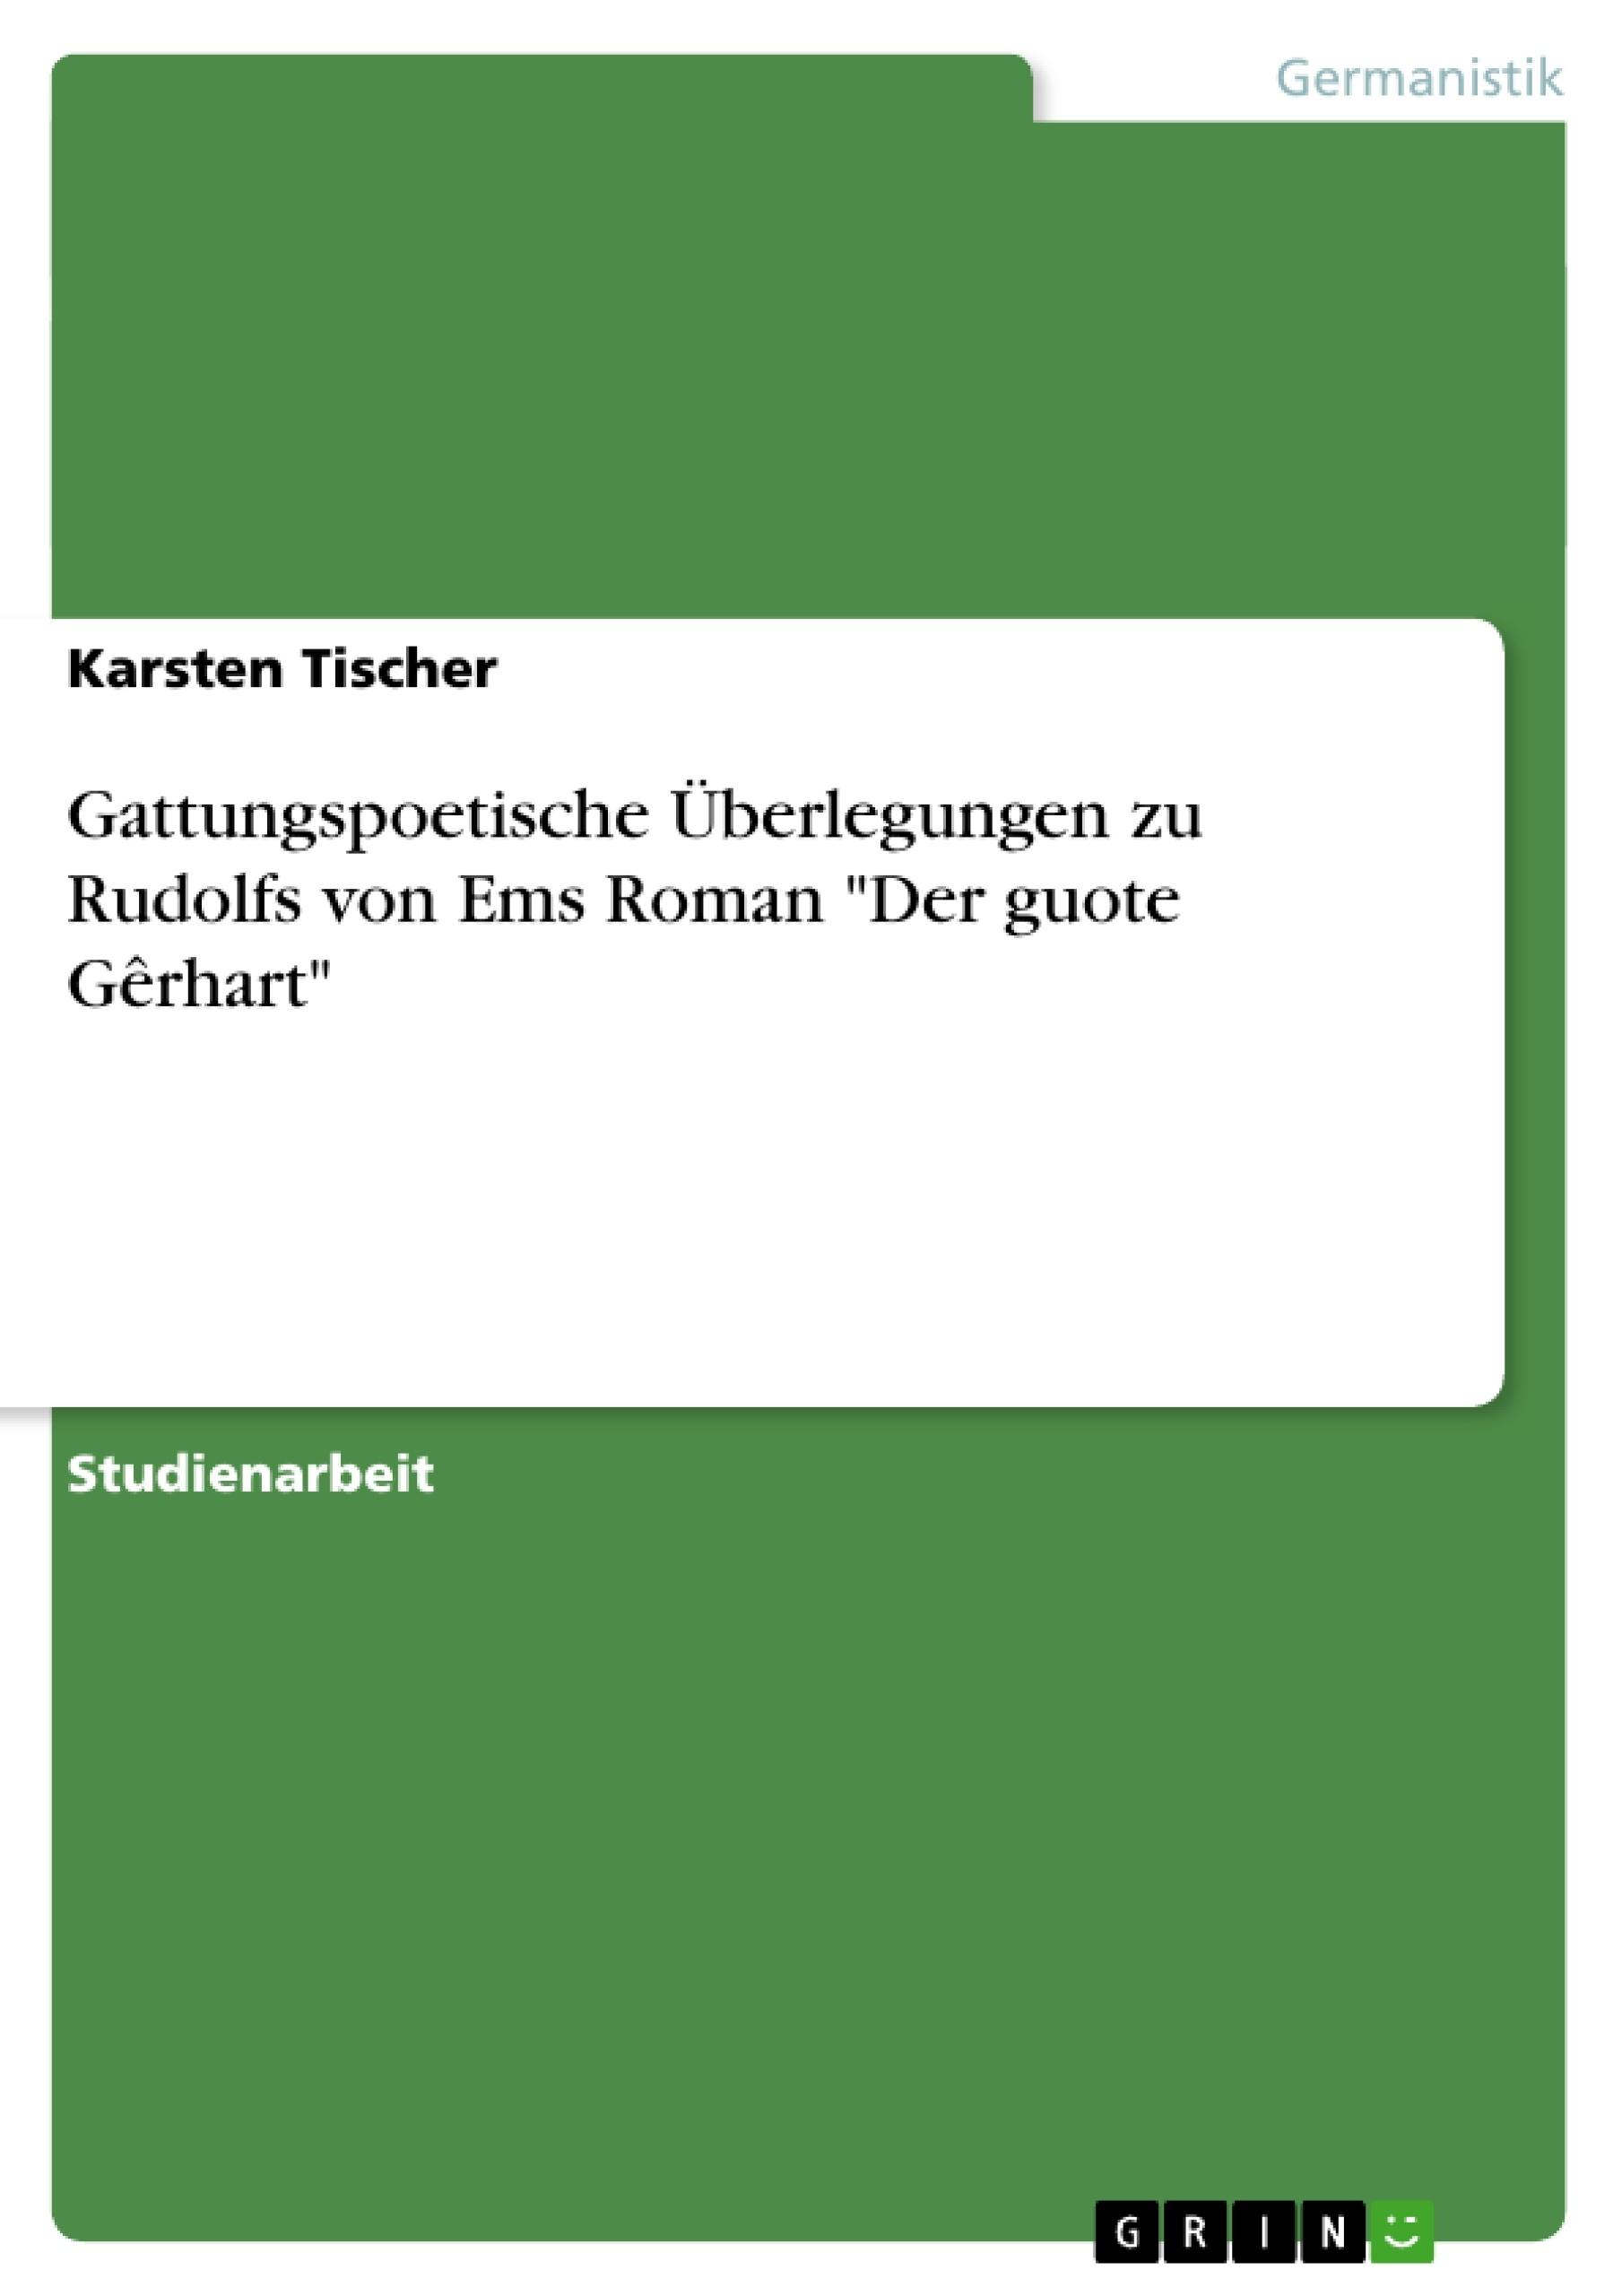 """Titel: Gattungspoetische Überlegungen zu Rudolfs von Ems Roman """"Der guote Gêrhart"""""""